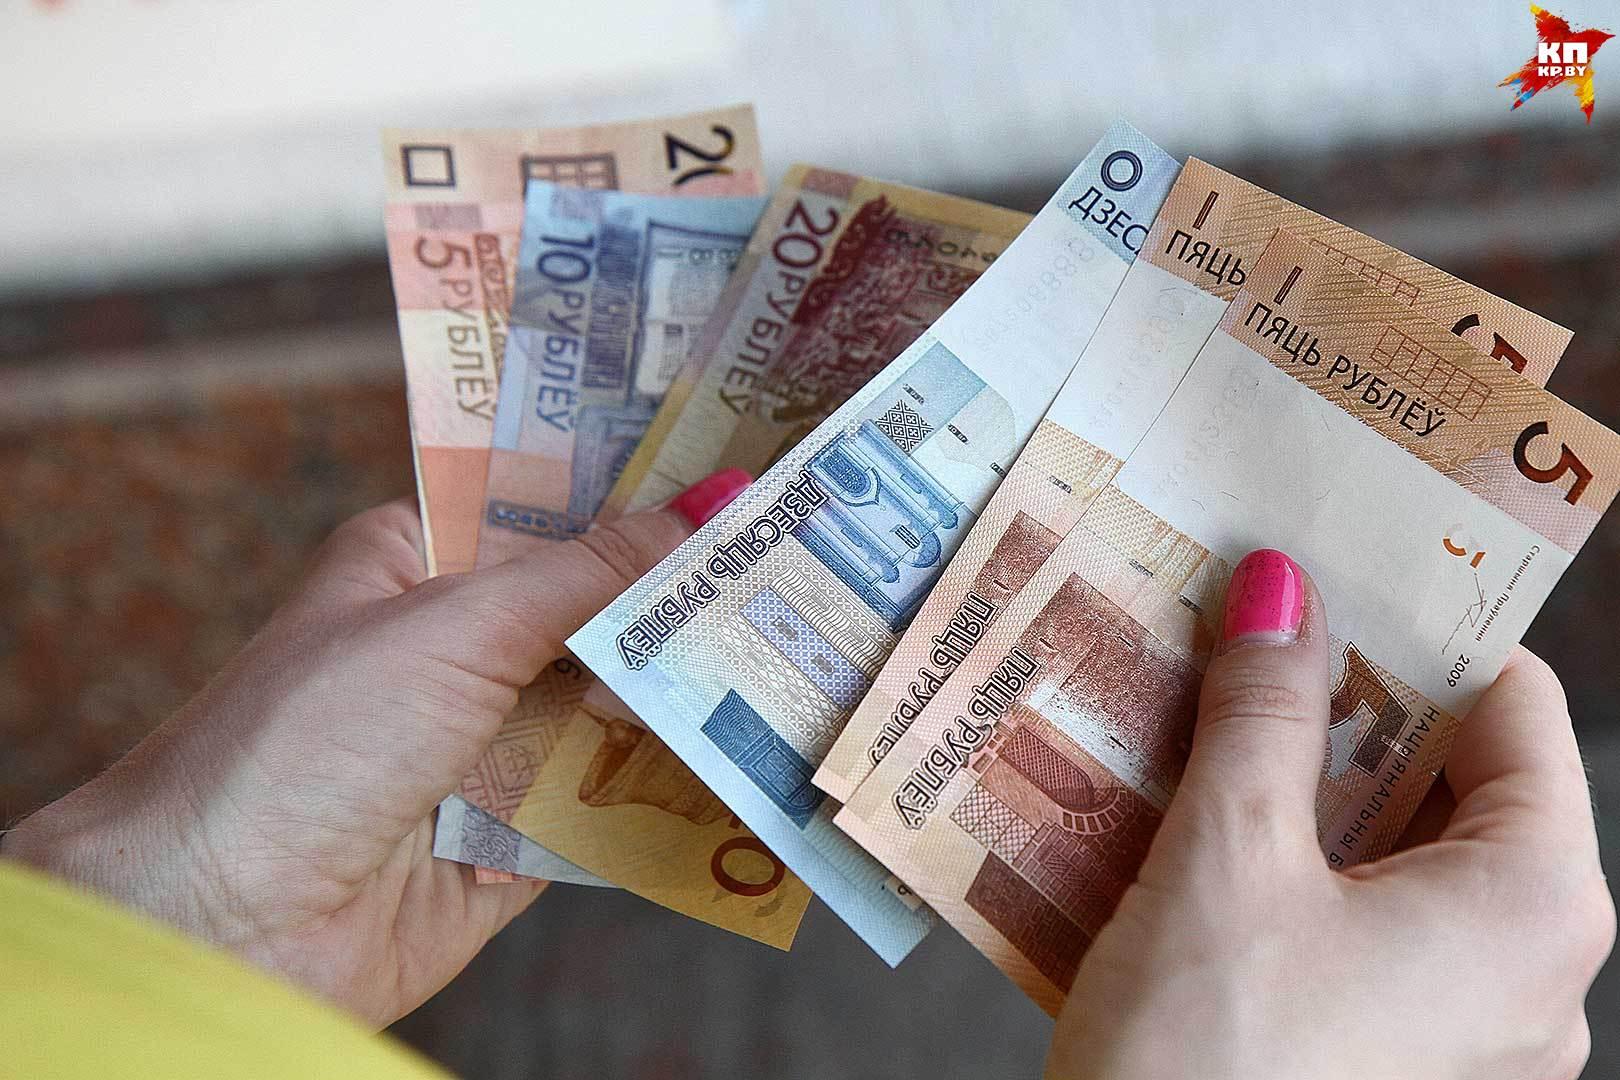 Большинство белорусов не доверяют банкам и хранят сбережения вне финансовых учреждений.